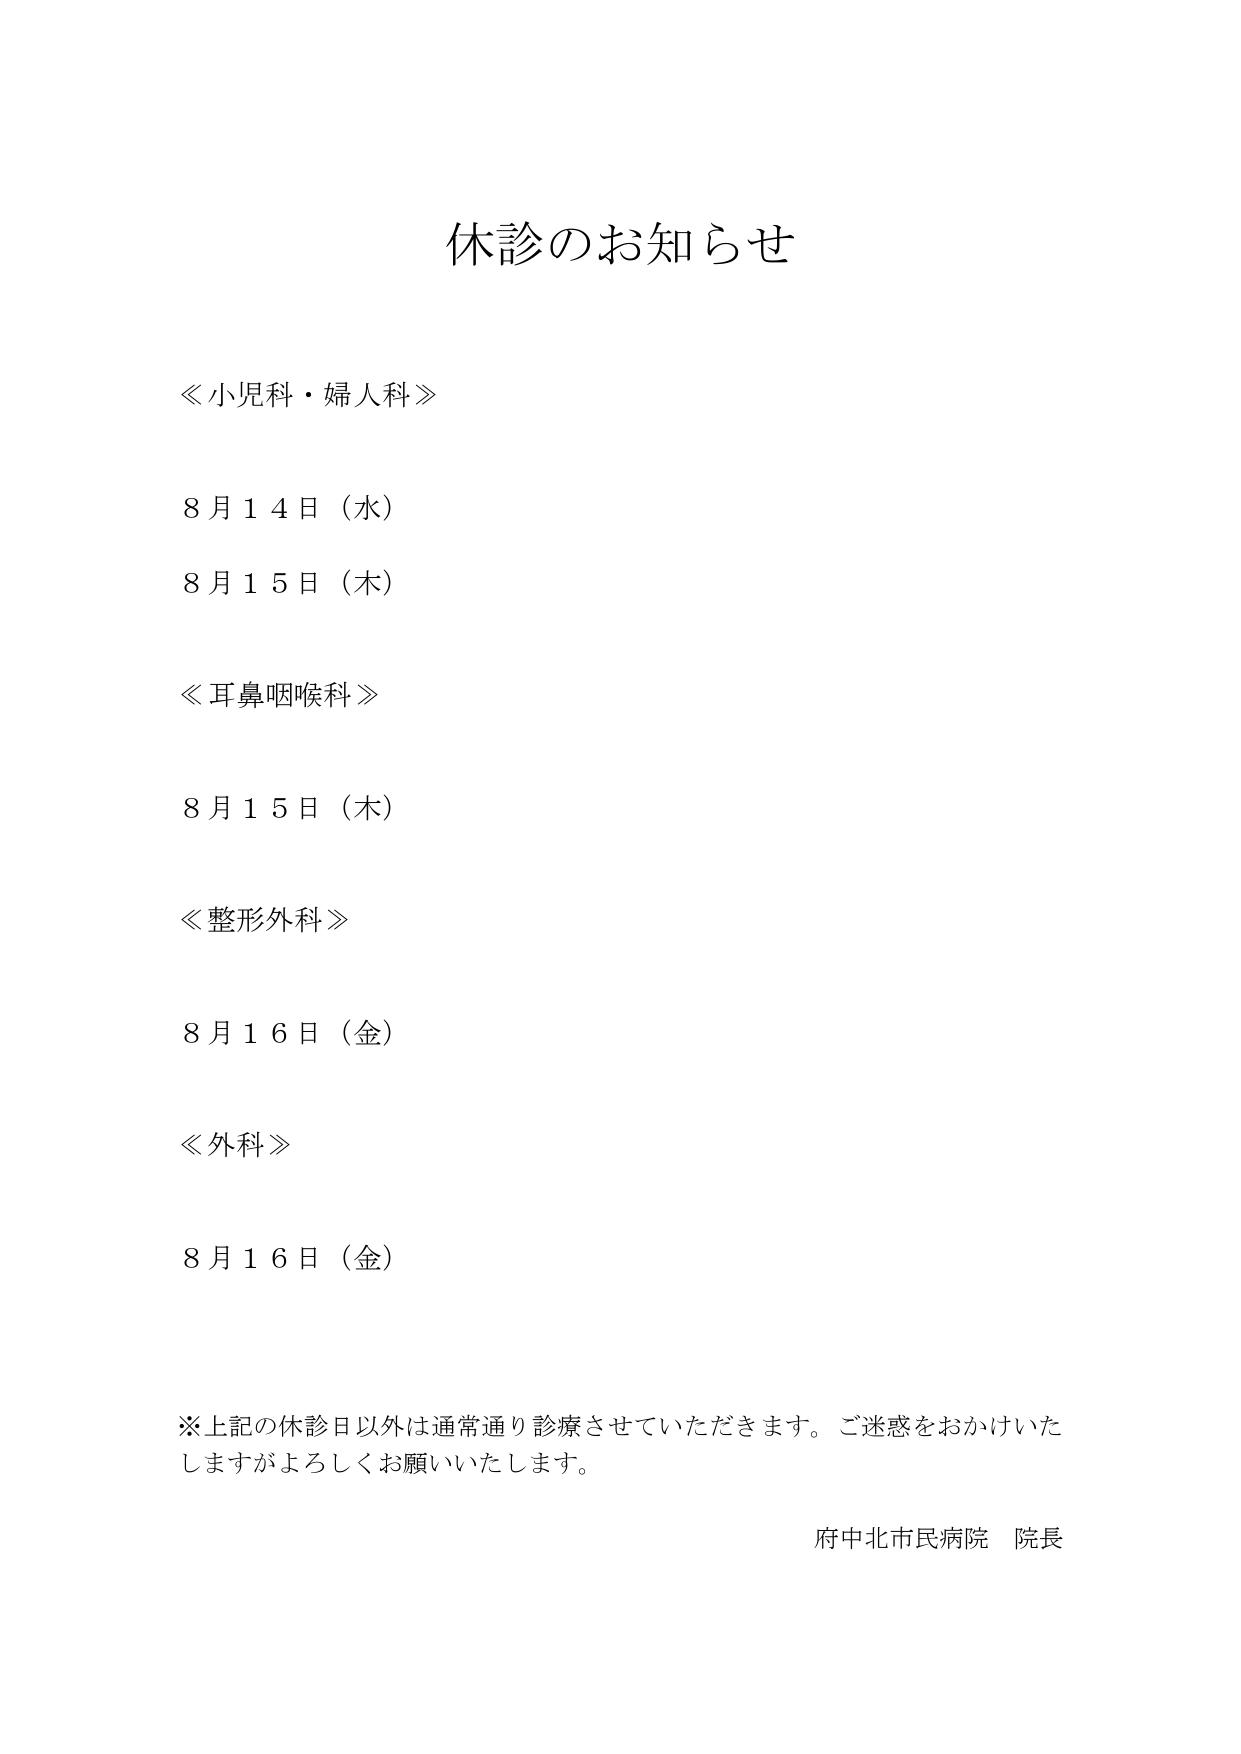 休診のお知ら1_page-0001